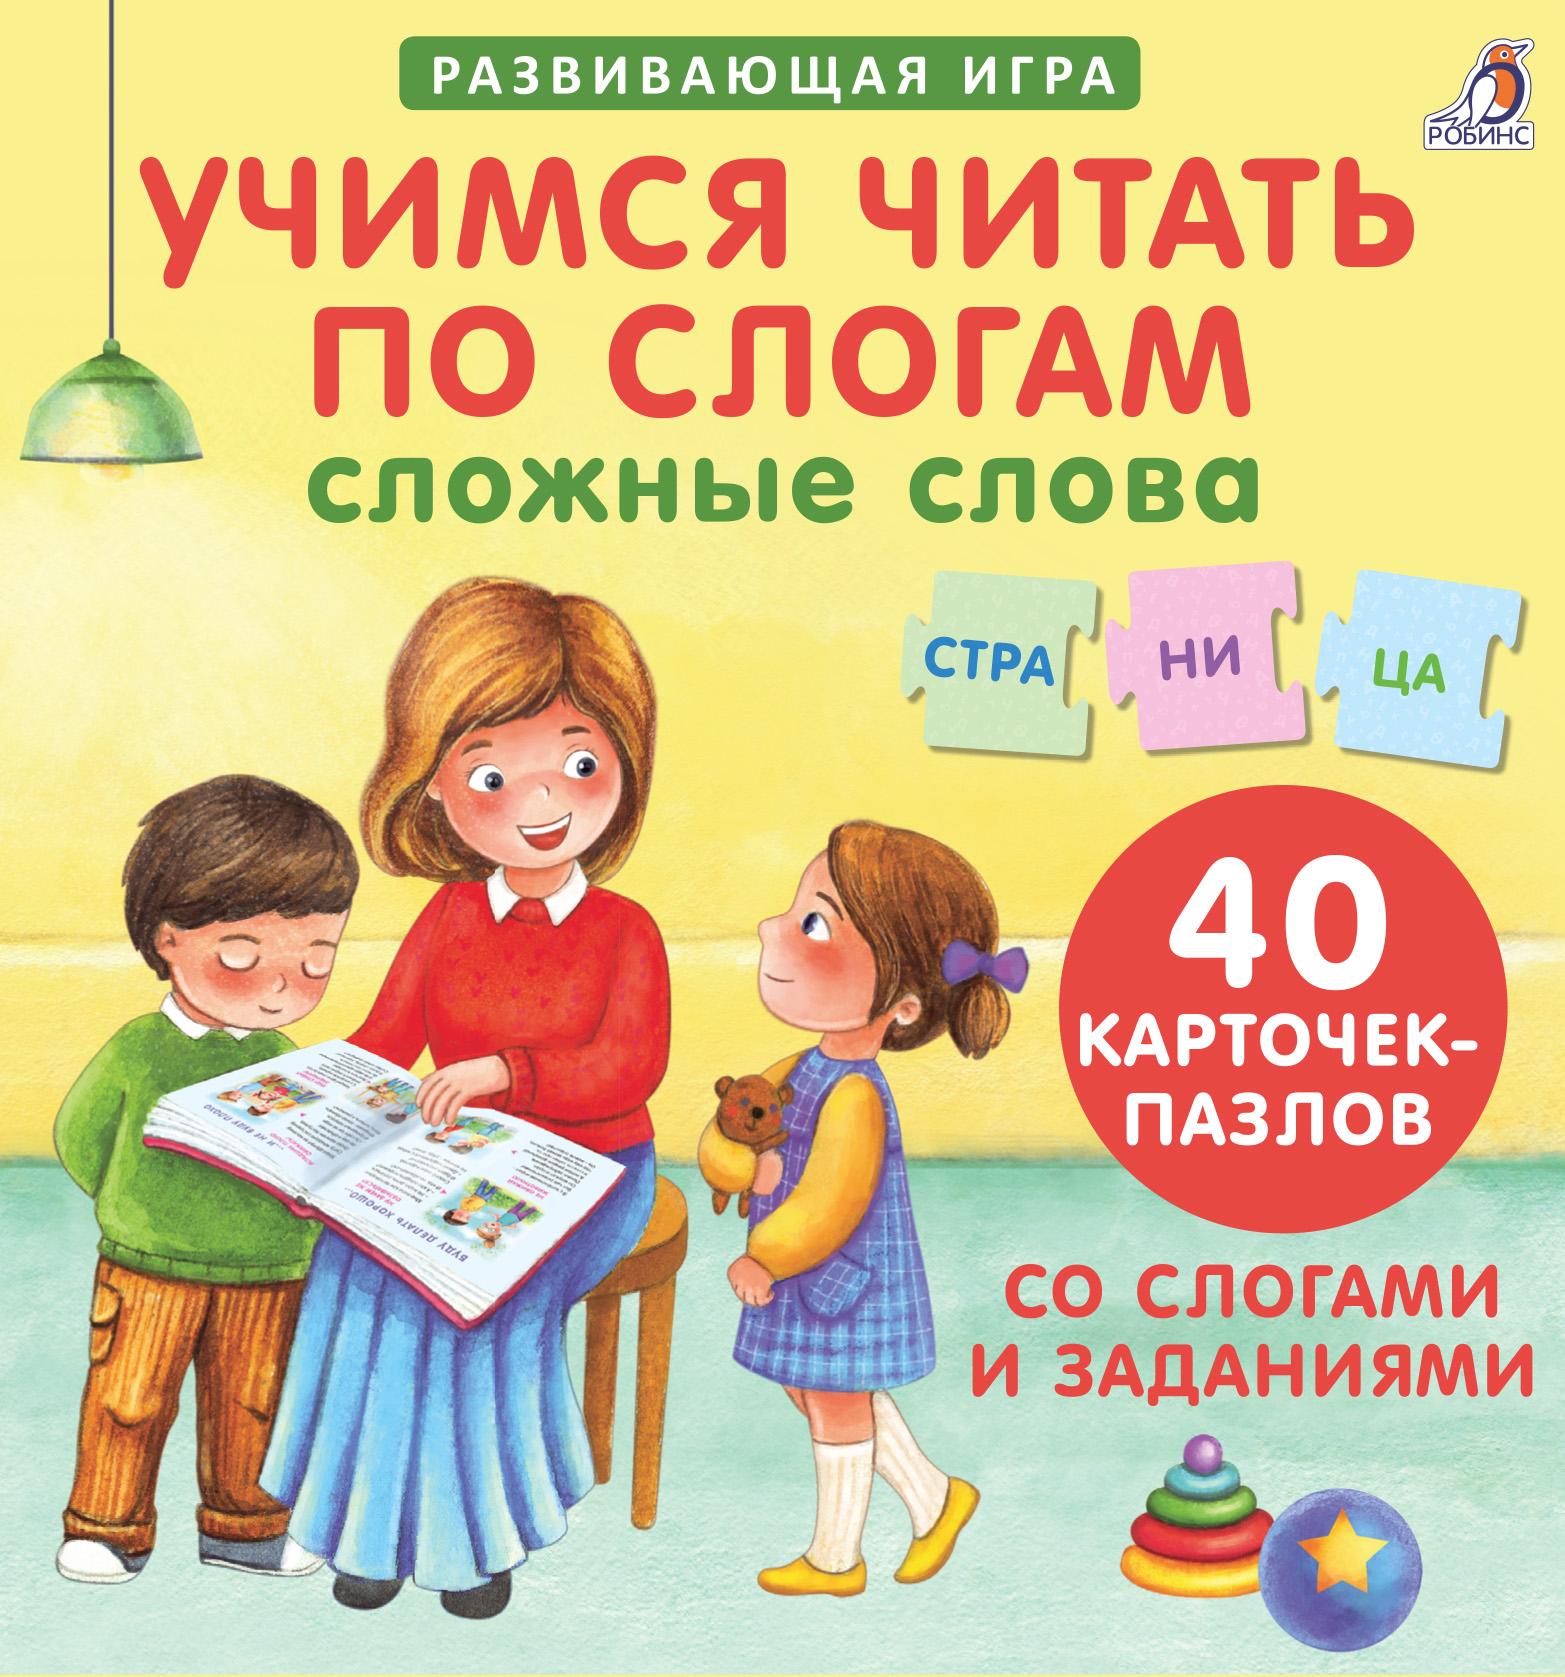 Игра Развивающая Учимся читать по слогам. Сложные слова: 40 карточек-пазлов